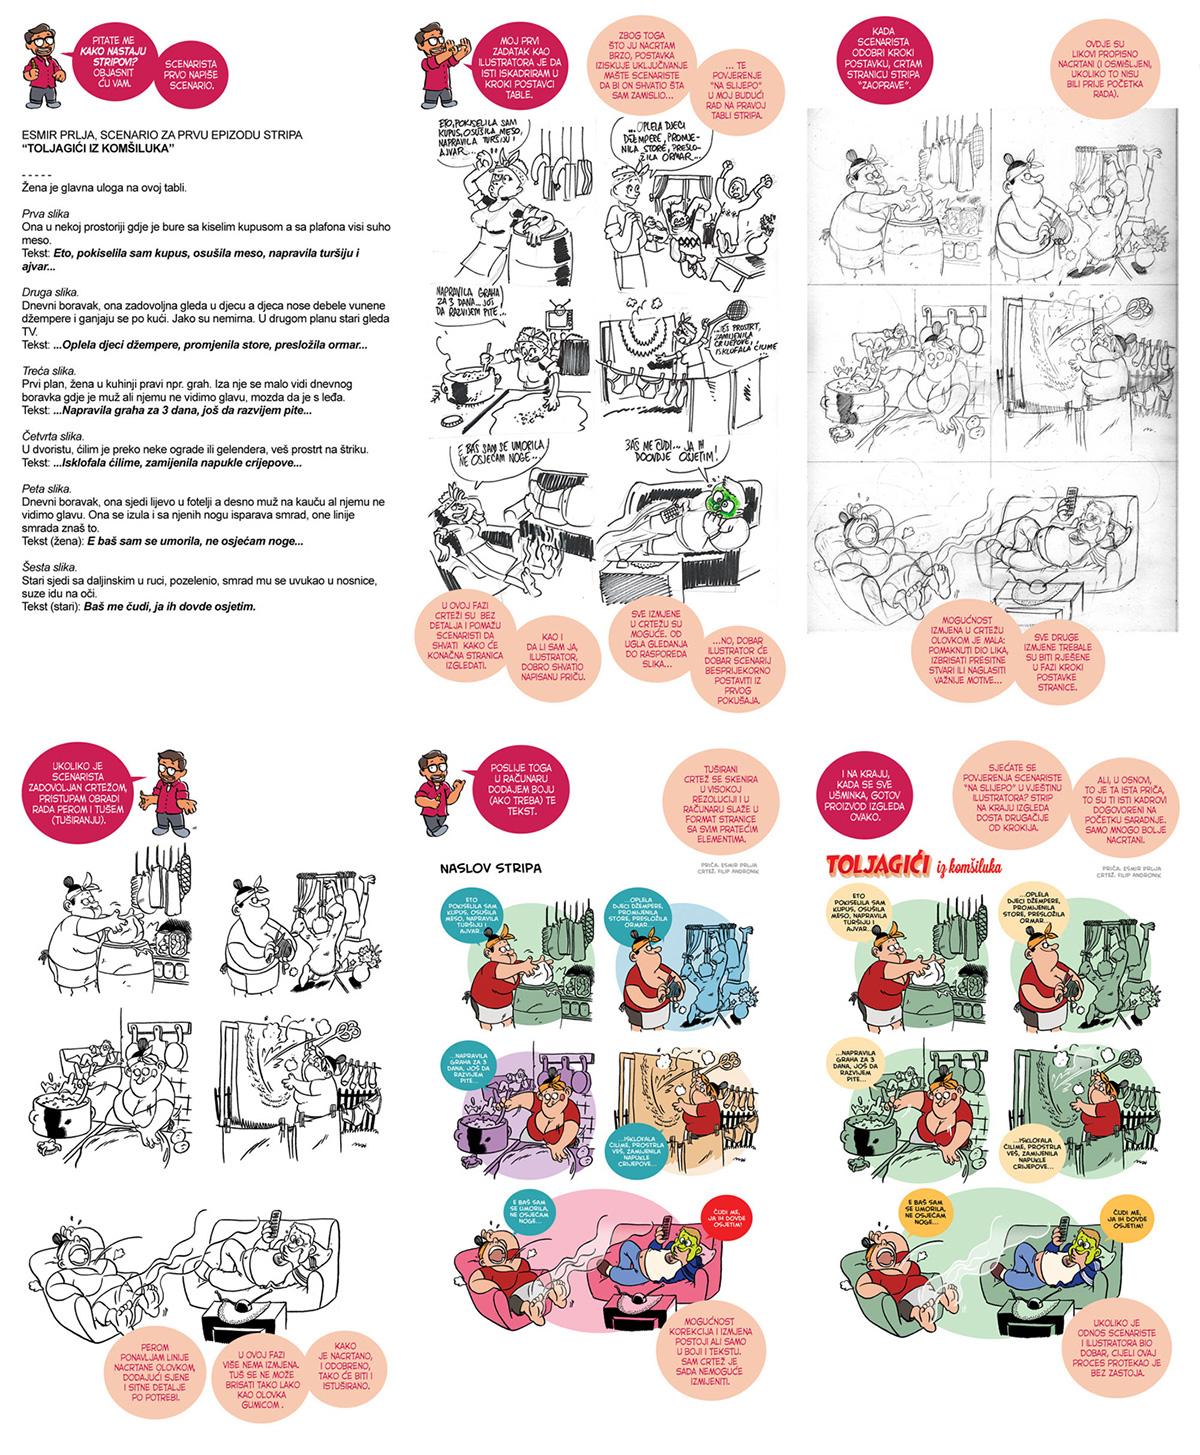 Uputstvo kako nastaju ilustracije i stripovi